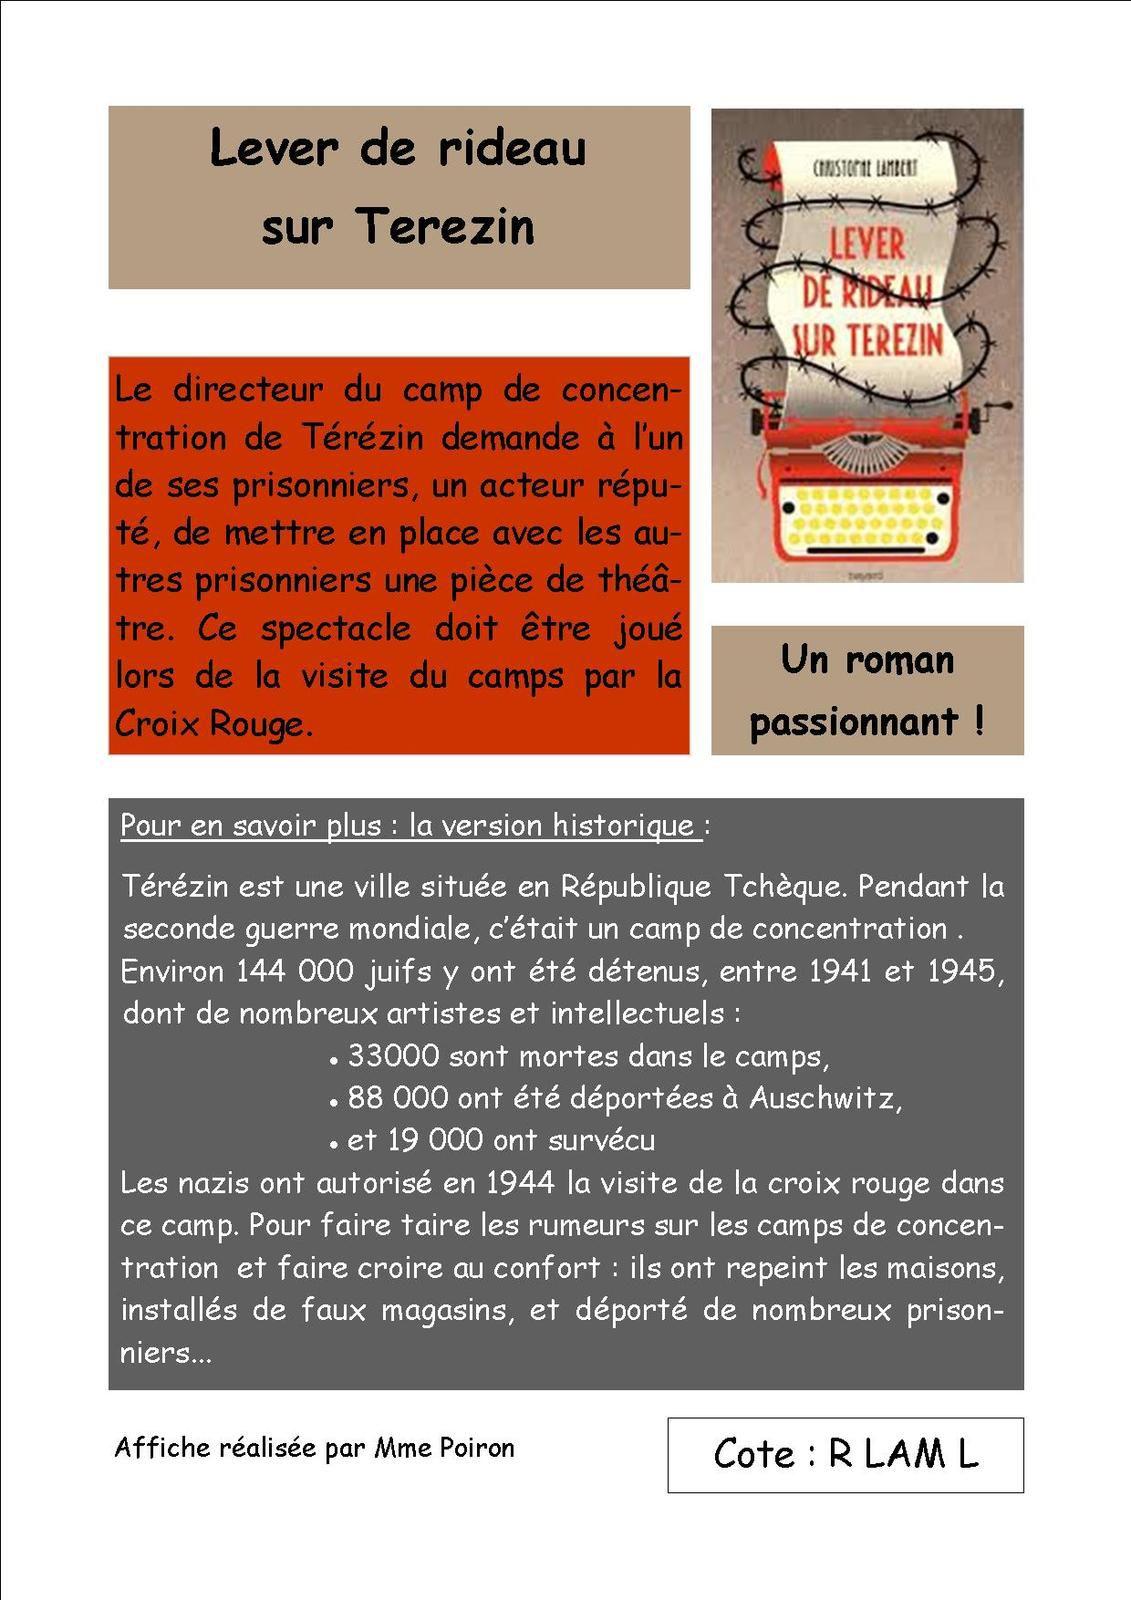 Pour le 10 mars : faire une affiche publicitaire sur un roman